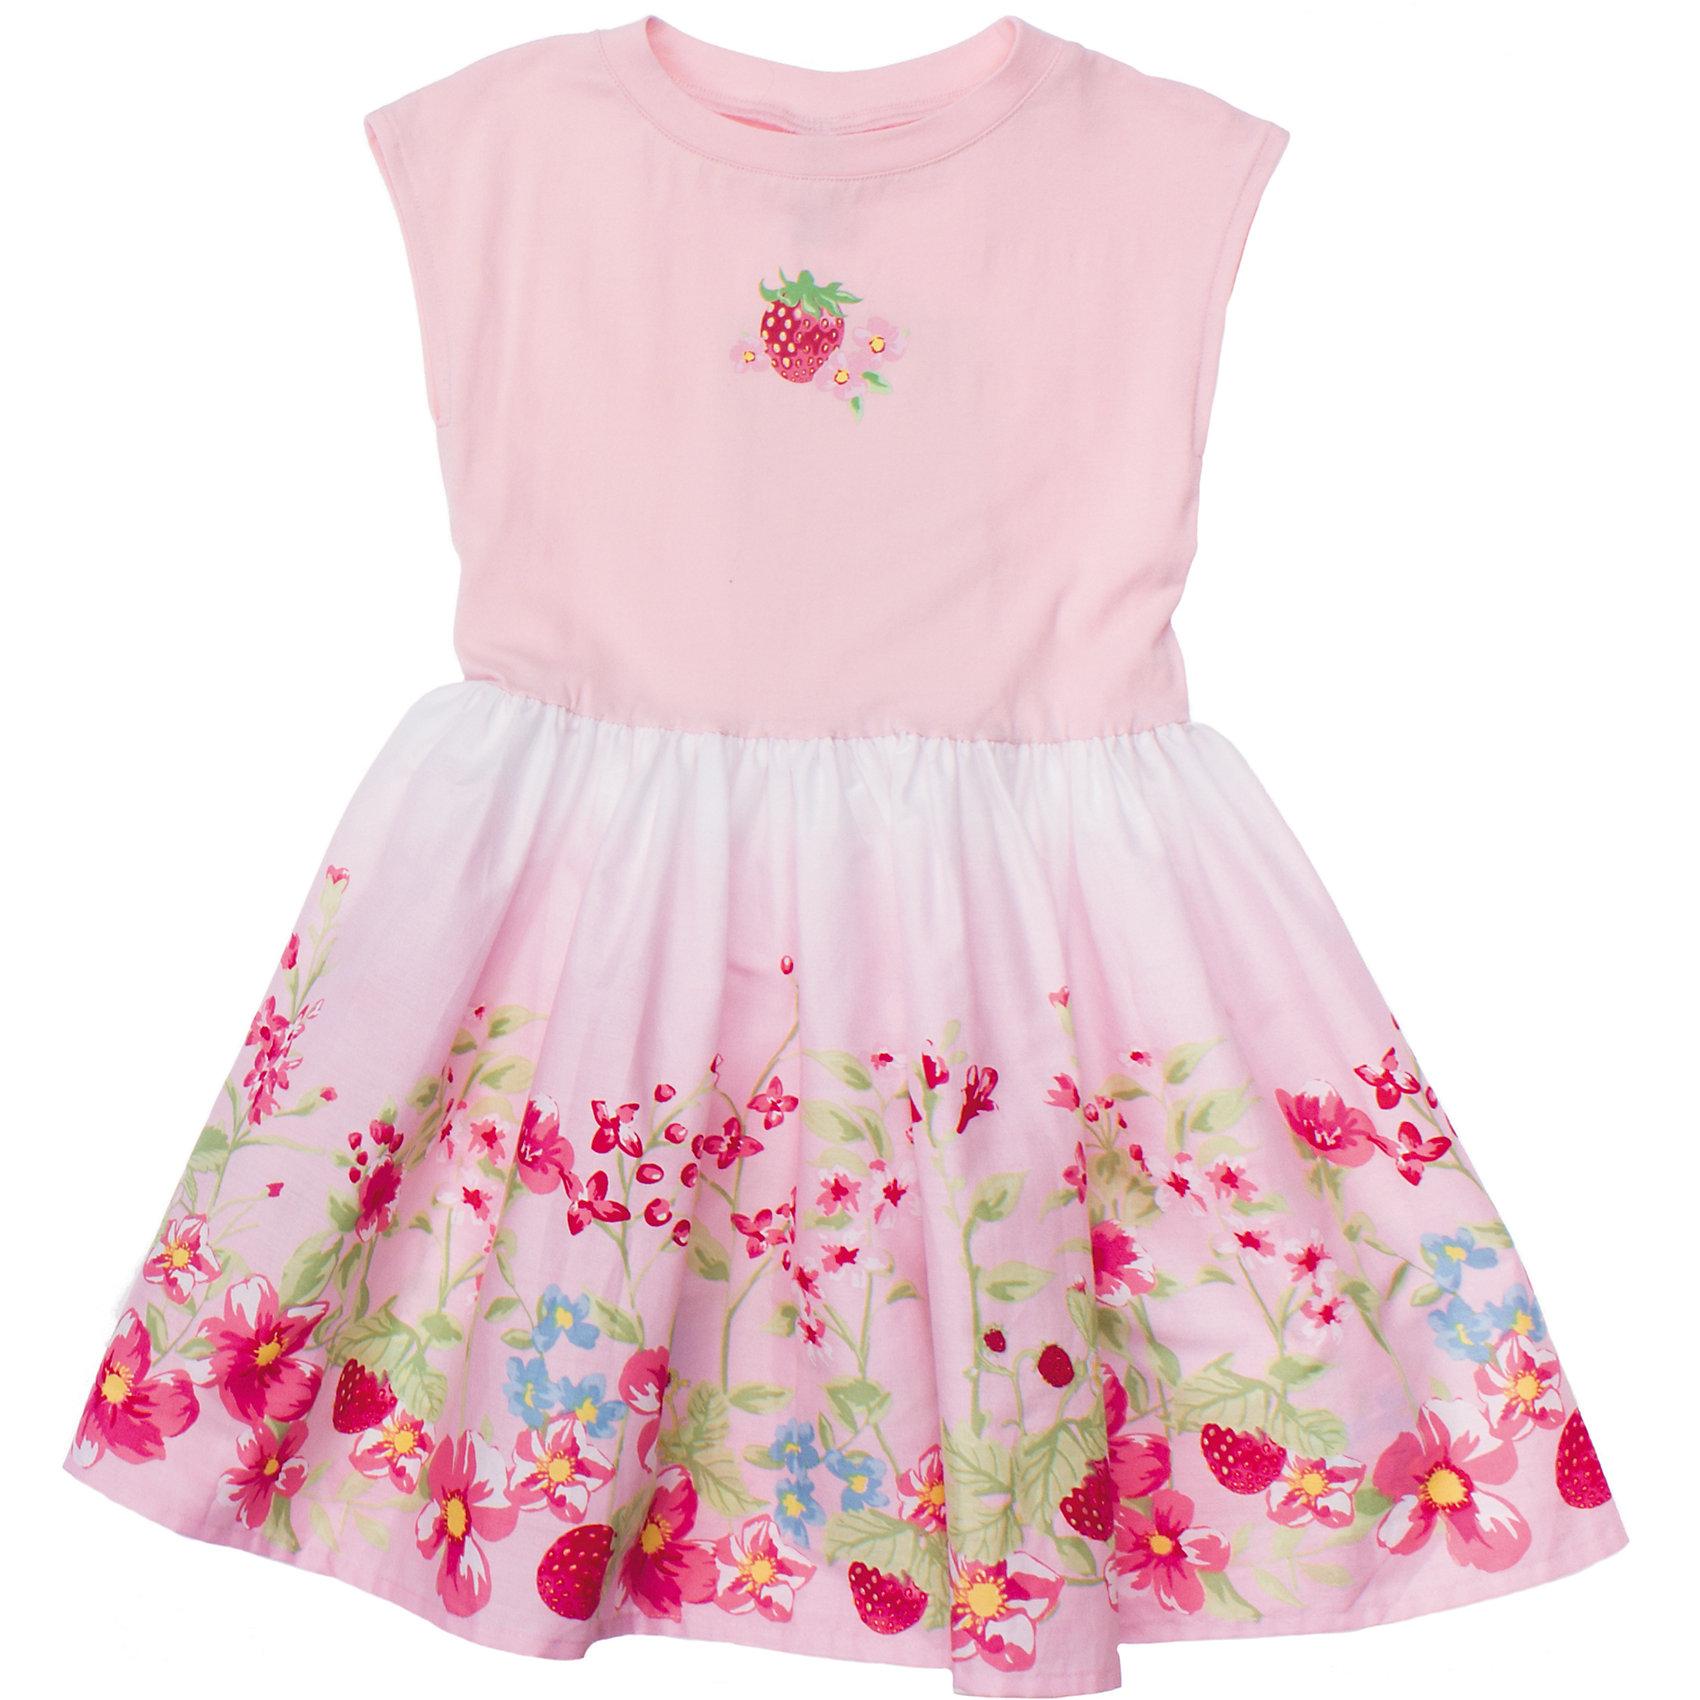 Платье PlayTodayПлатья и сарафаны<br>Мягкое хлопковое платье нежно-розового цвета. Украшено принтом с цветочками и ягодками. Есть поясок. Состав: Верх: 95% хлопок, 5% эластан; юбка: 100% хлопок<br><br>Ширина мм: 236<br>Глубина мм: 16<br>Высота мм: 184<br>Вес г: 177<br>Цвет: белый<br>Возраст от месяцев: 24<br>Возраст до месяцев: 36<br>Пол: Женский<br>Возраст: Детский<br>Размер: 98,122,110,104,116,128<br>SKU: 4652609